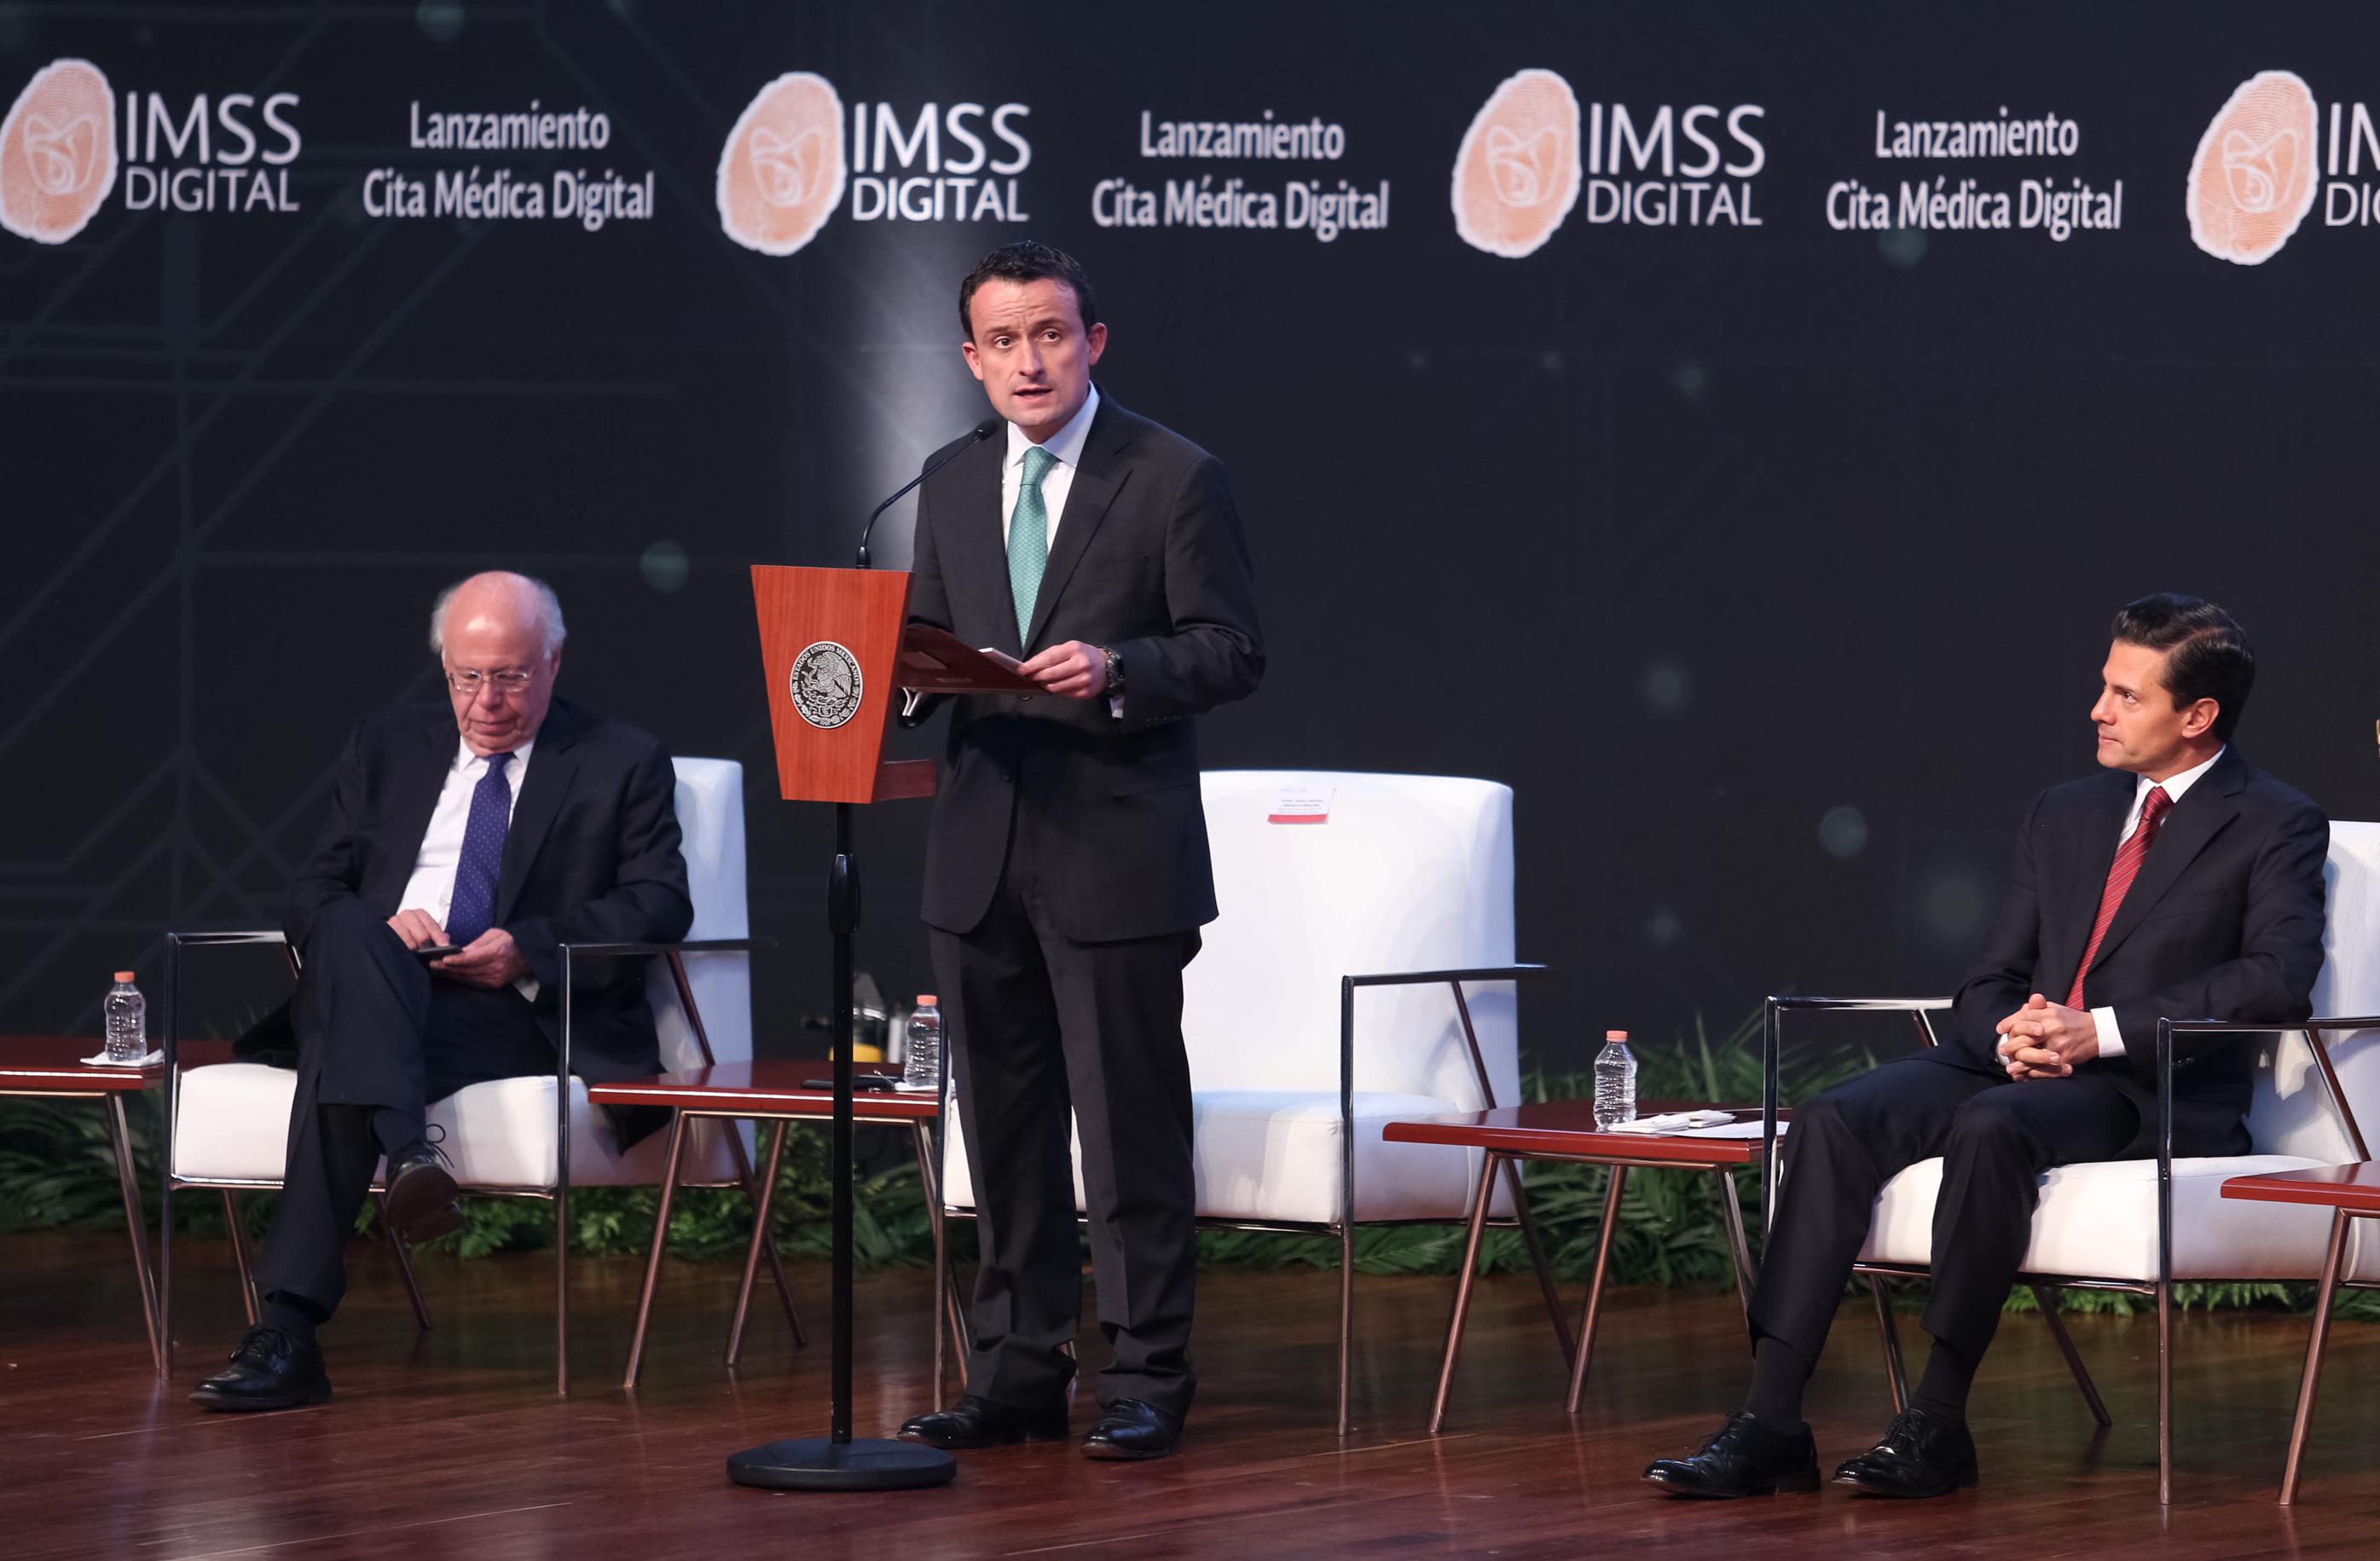 """""""Con la Estrategia Digital, hemos podido generar ahorros, reducir costos de transacción y eliminar visitas innecesarias a las oficinas del IMSS"""", Maestro Mikel Arriola, Director General del Instituto Mexicano del Seguro Social."""